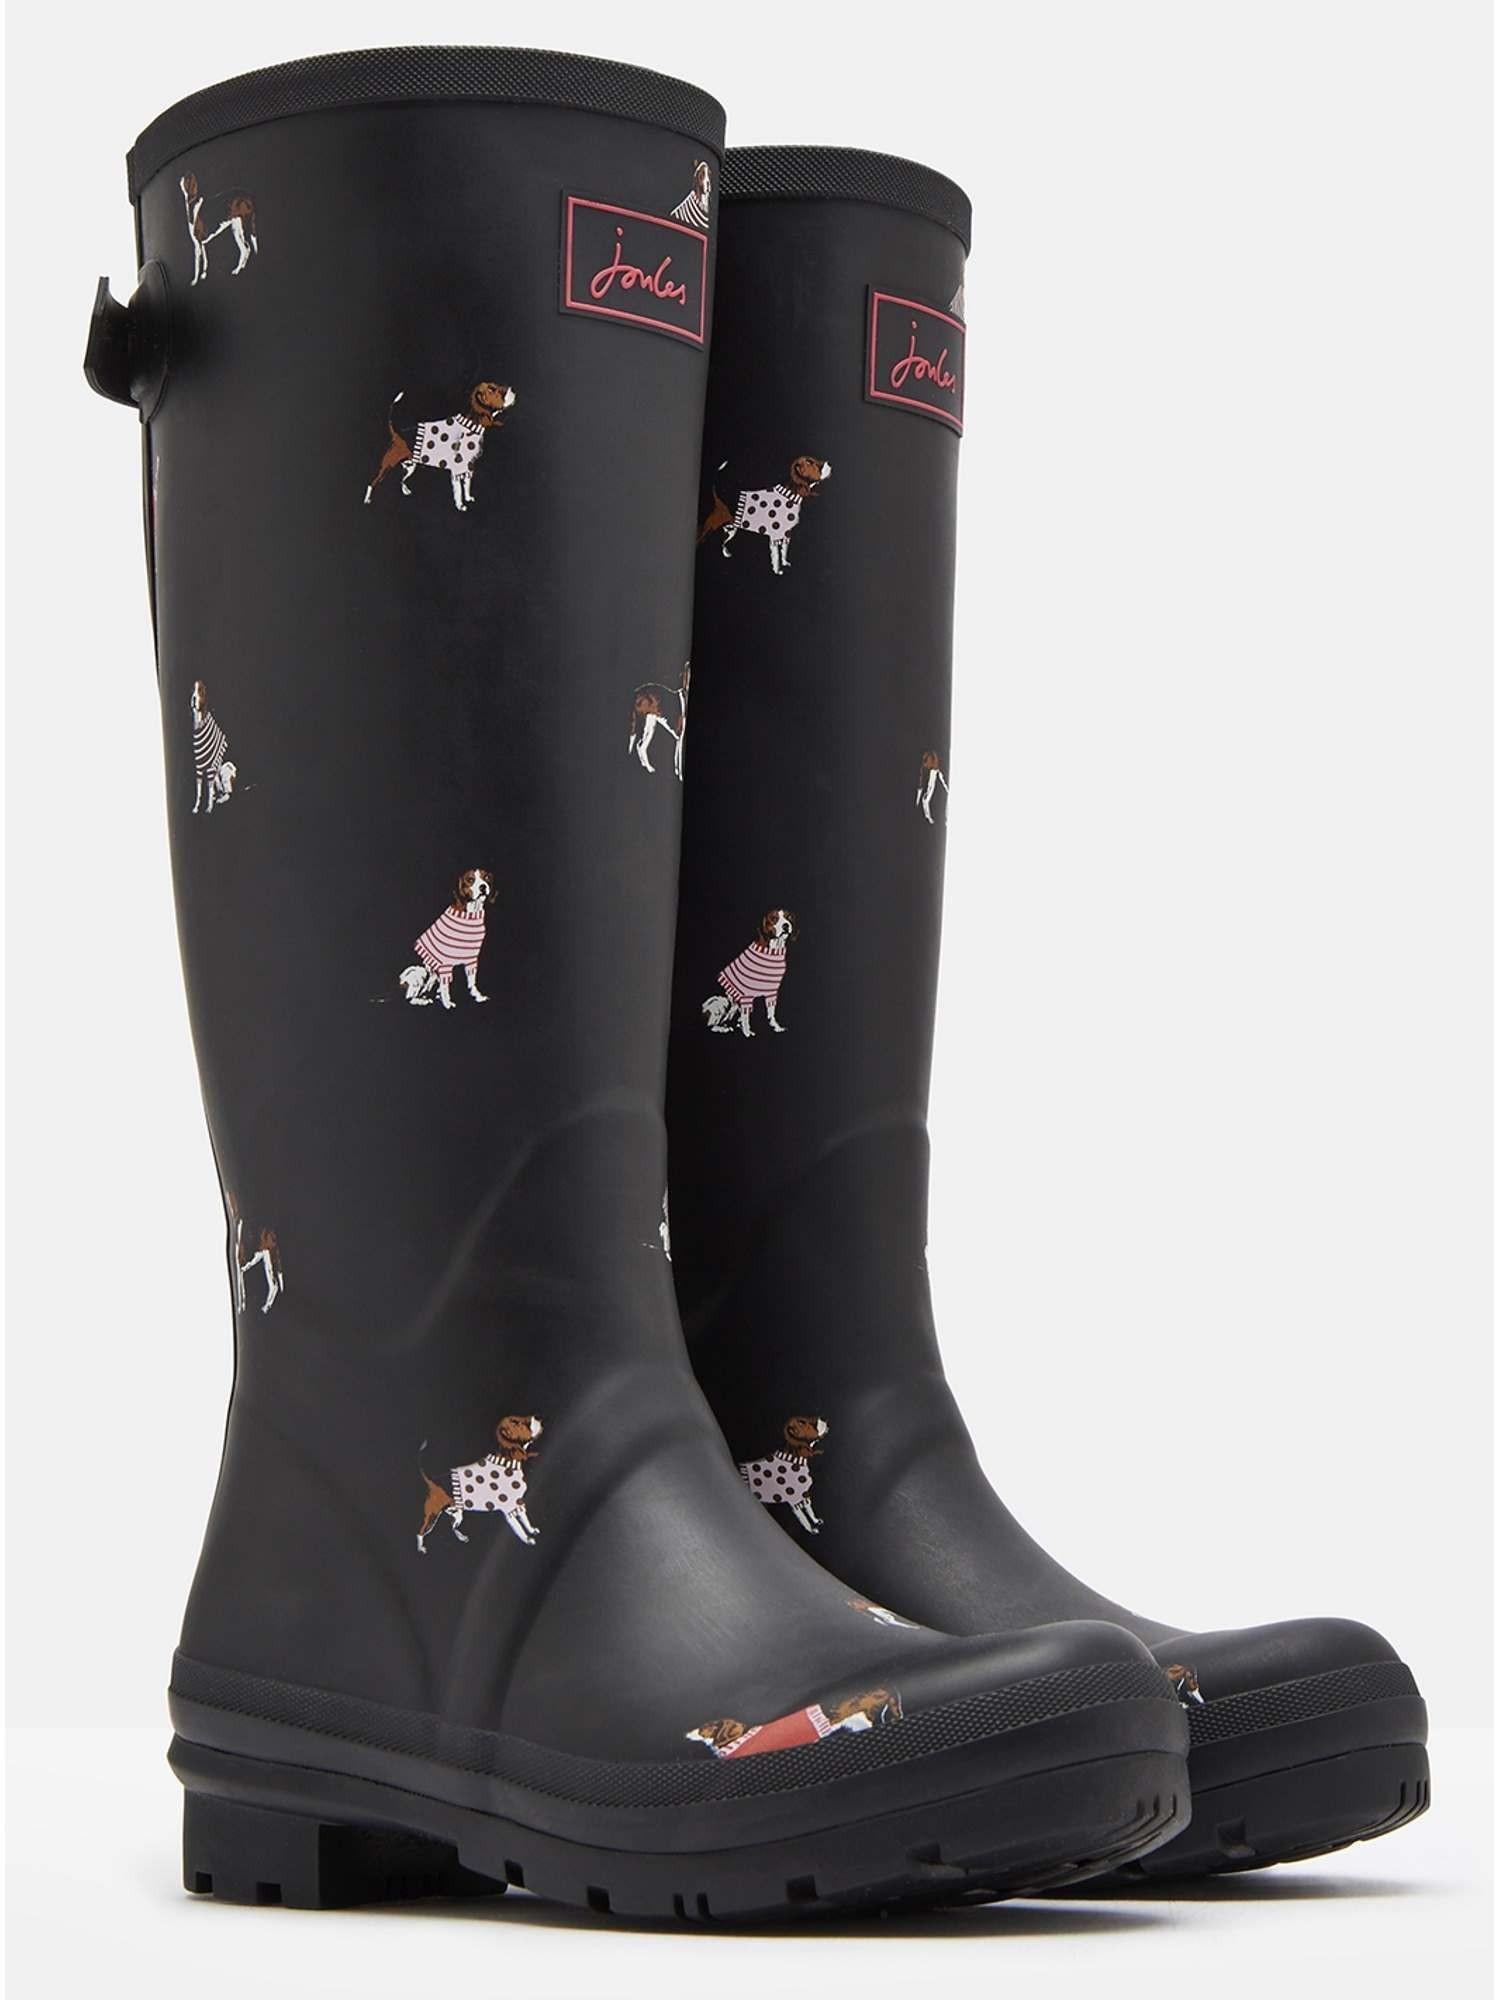 Joules Printed Wellies Black Jumper Dogs Printed Wellies